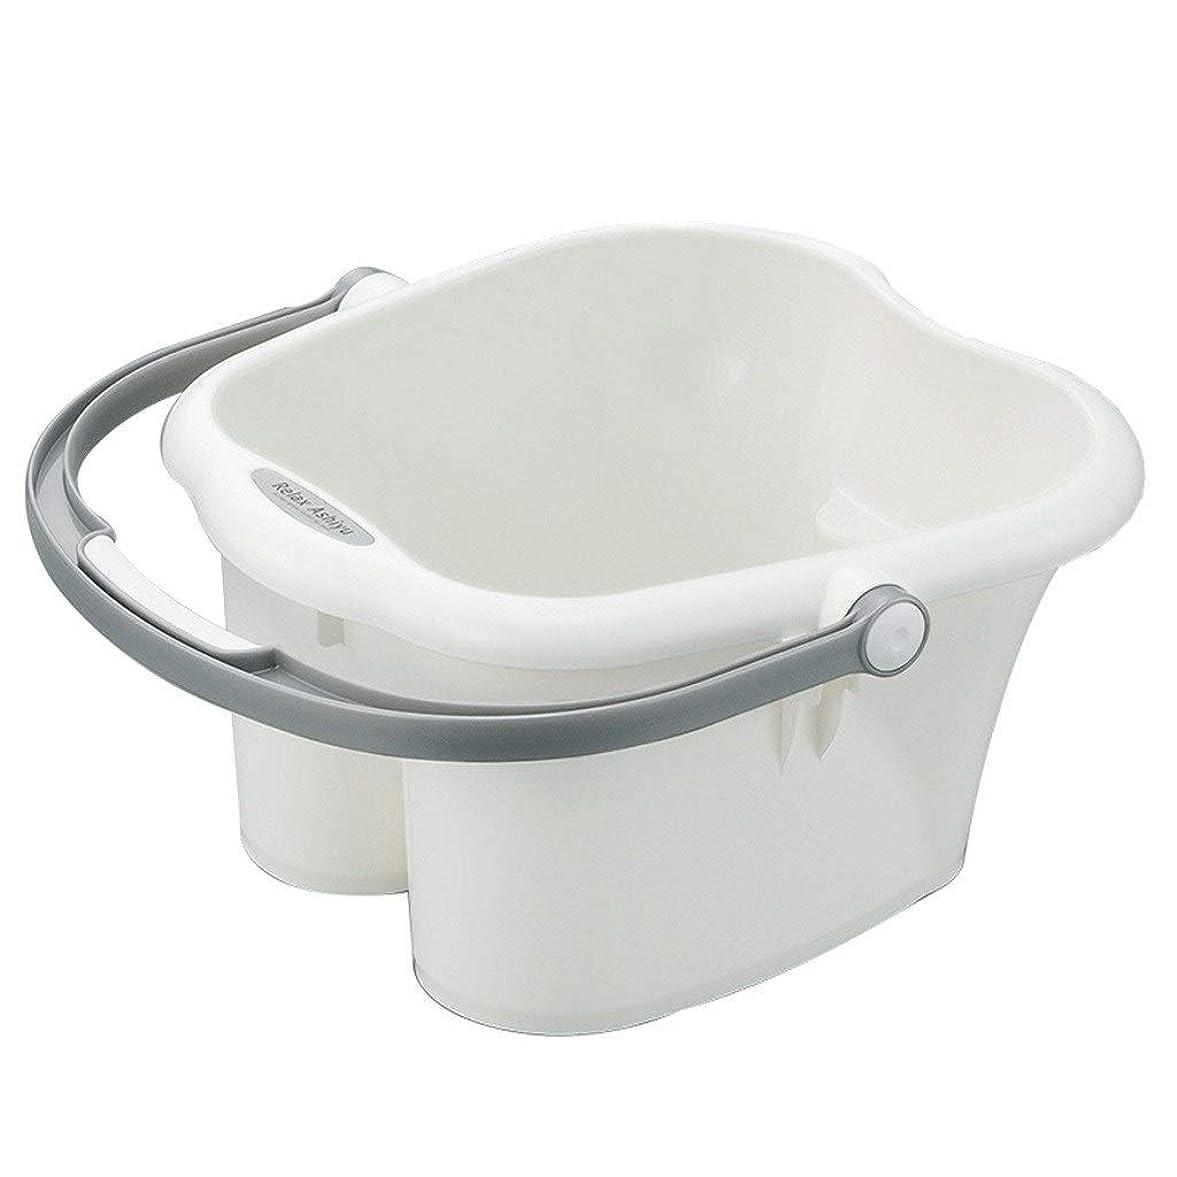 淡い比較的機械的に日本の輸入マッサージ浴槽 - 成人用家庭用ポータブル足湯バケツ足バレル XM1209-7-27-17